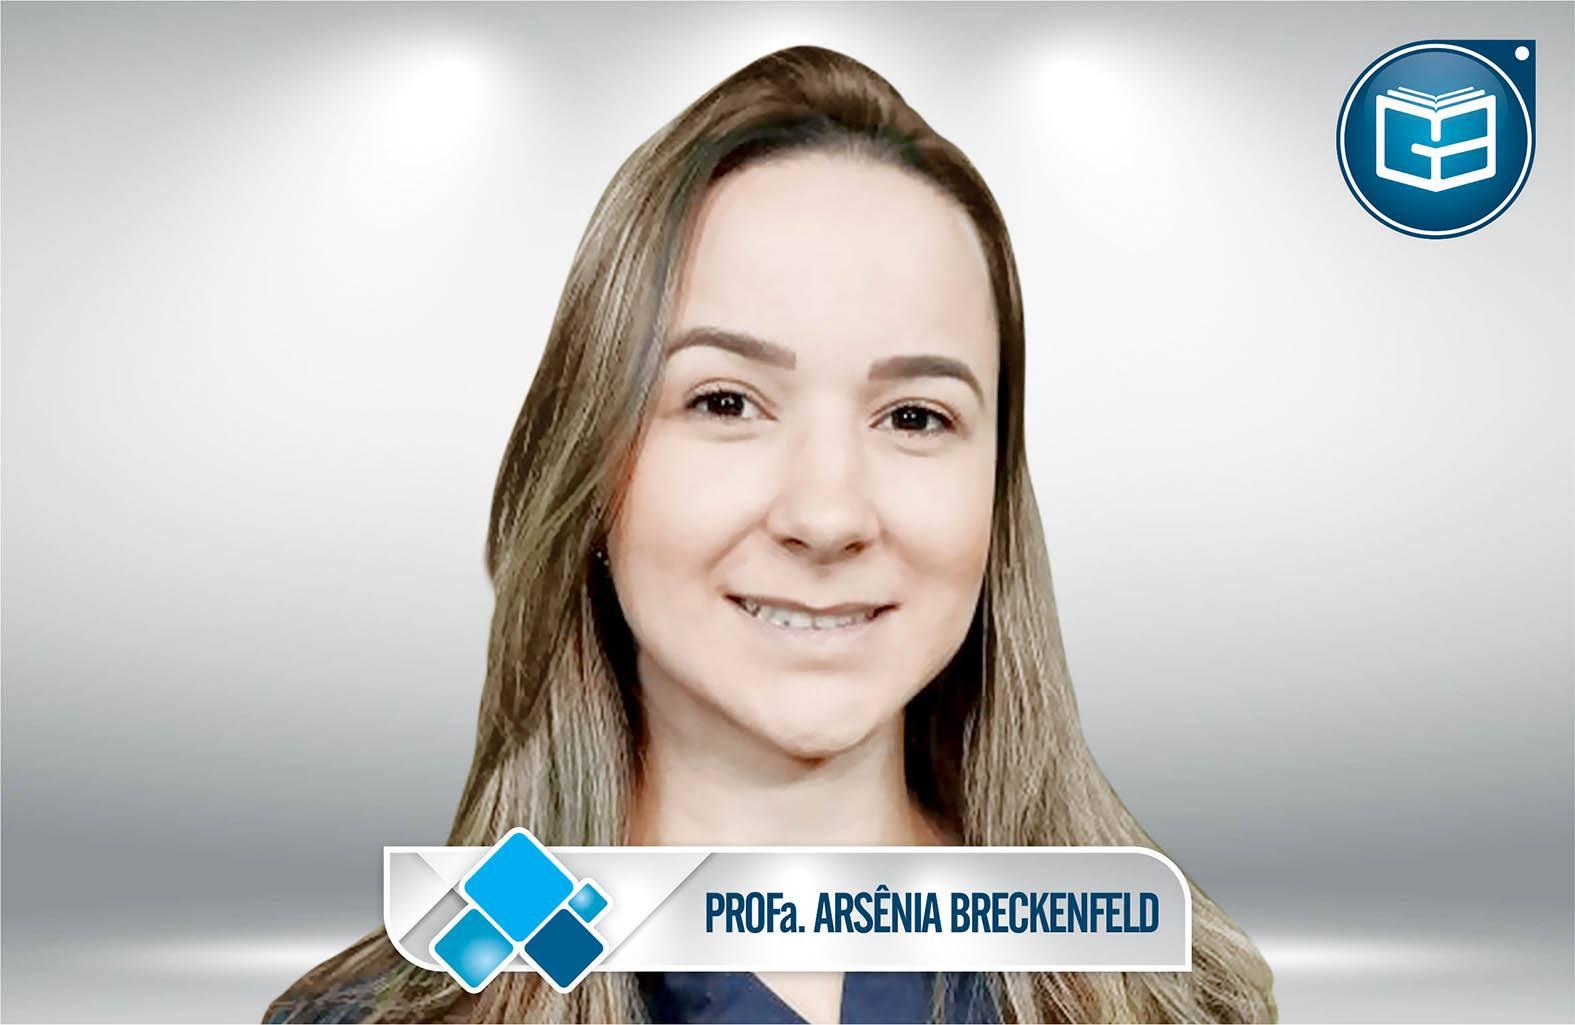 Direito Constitucional CMF - Professora Arsênia Breckenfeld